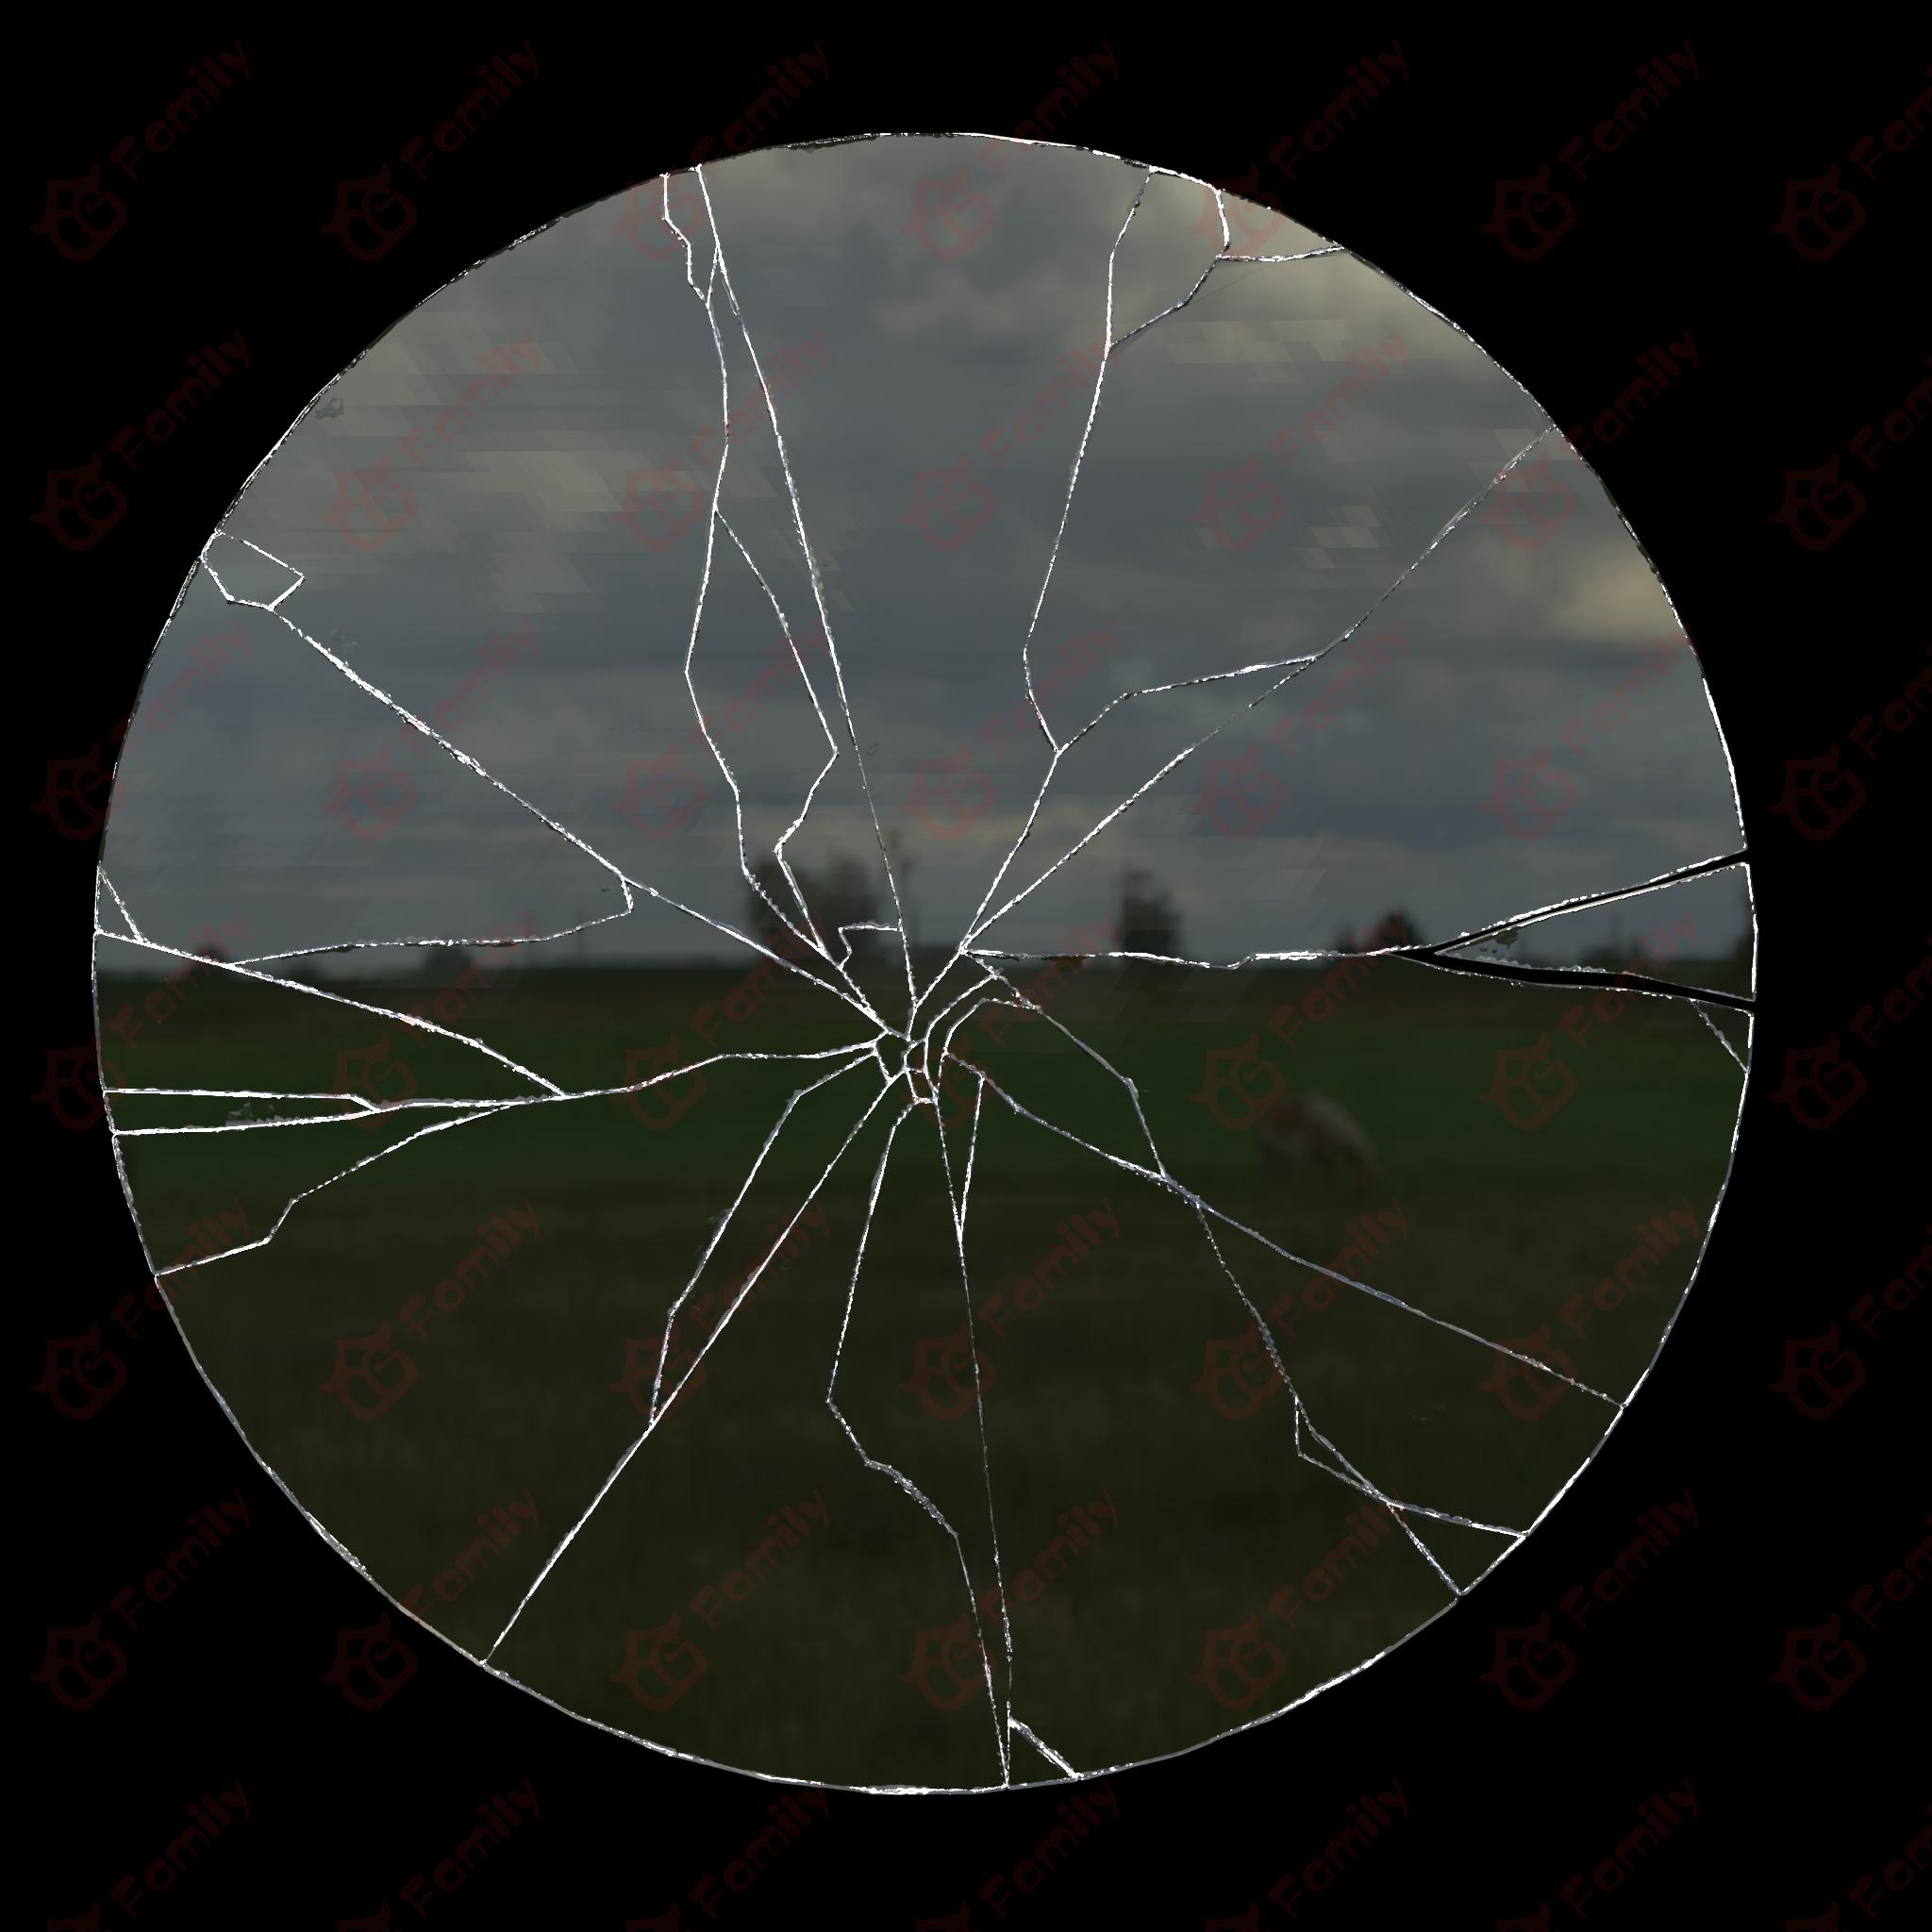 破碎镜子,镜子碎片,特效碎片